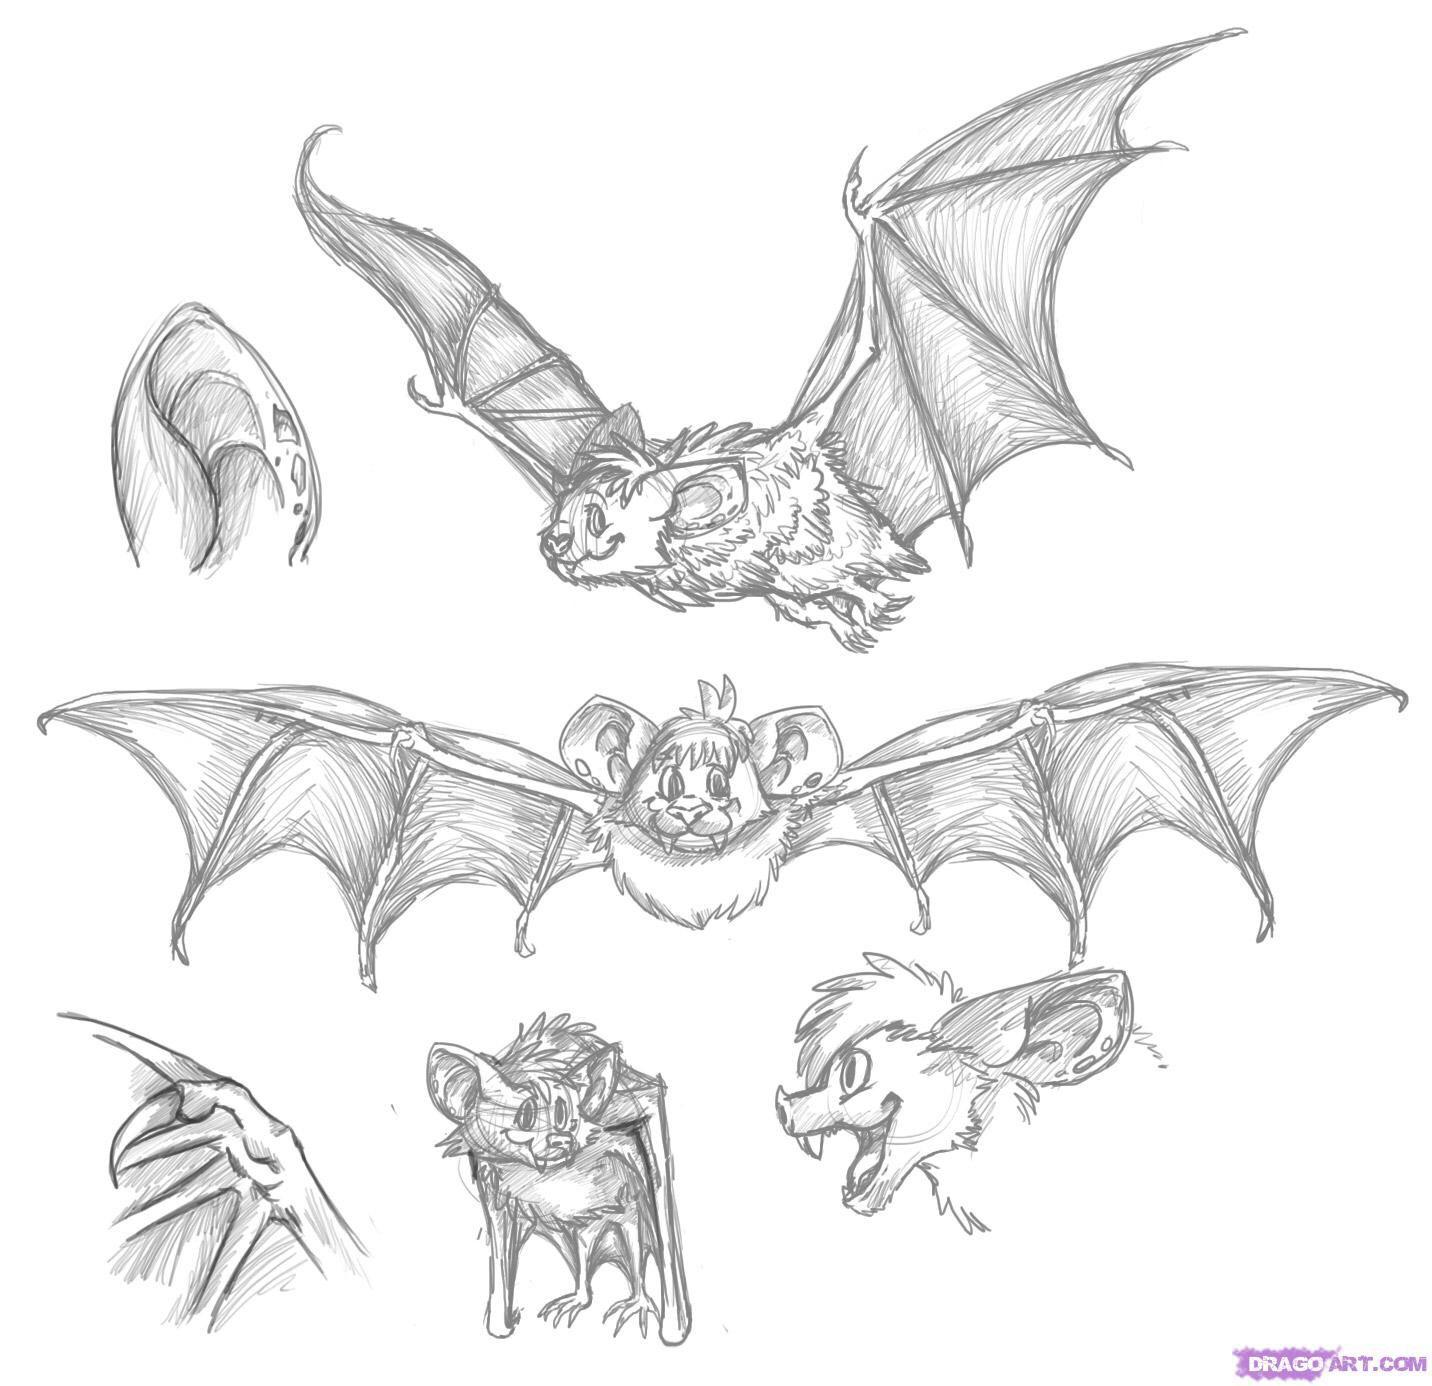 9cecd7e3aa20874575658db8ee336f3a Wire Diagram For Bat on bat artwork, bat parts, bat predators, bat map, bat roost, bat trace out, bat sonar, bat romance, bat face, bat mitt, bat echolocation, bat hospital, bat skull, bat clip art, bat worksheets, bat wingspan, bat coloring pages,